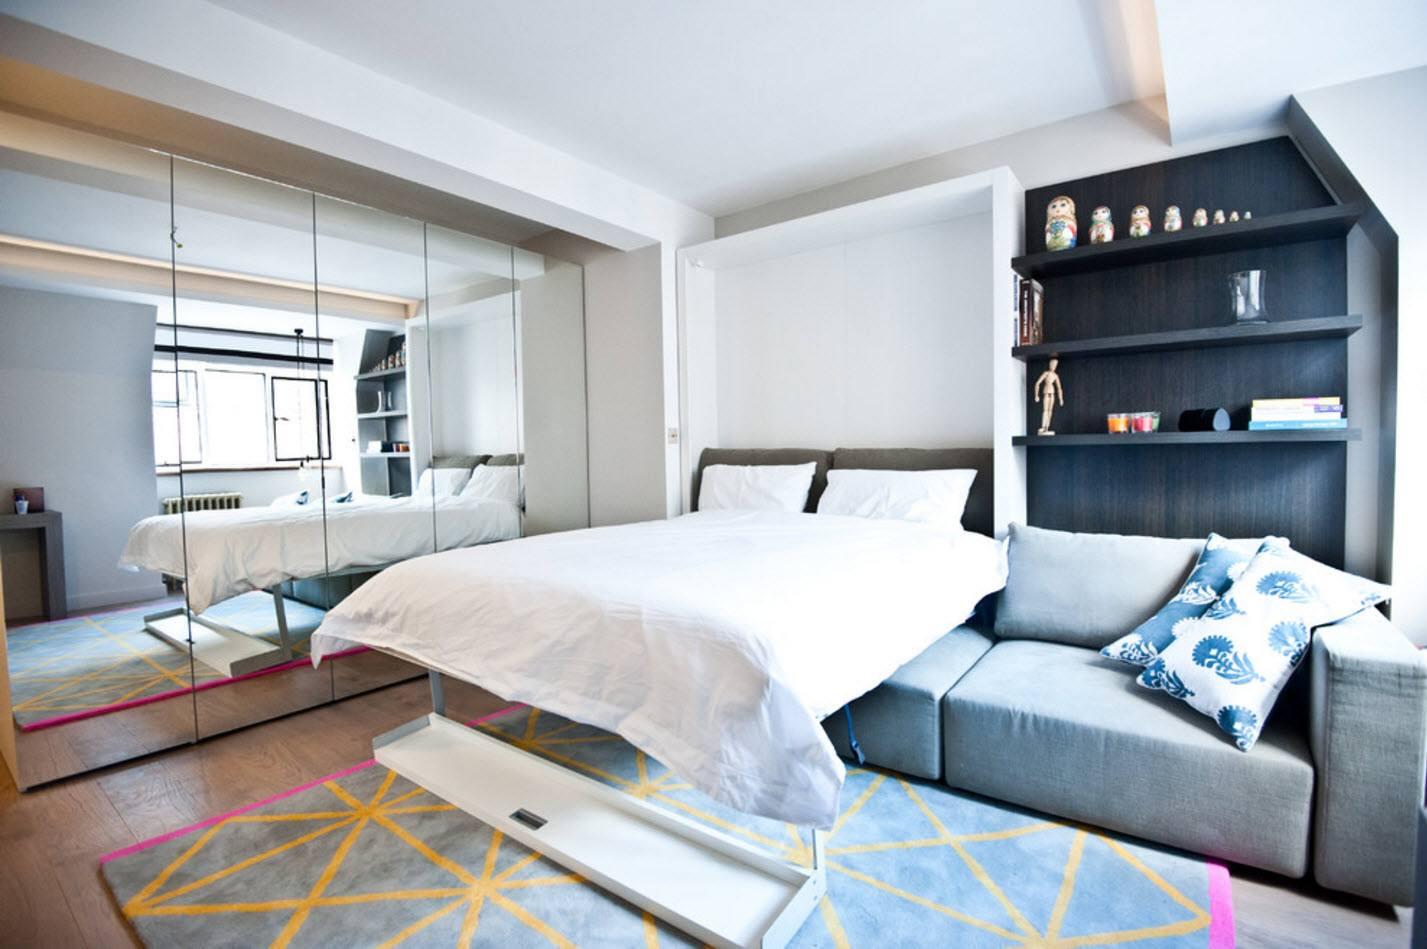 Скрытая в стену кровать - отличный выбор для малогабаритной комнаты